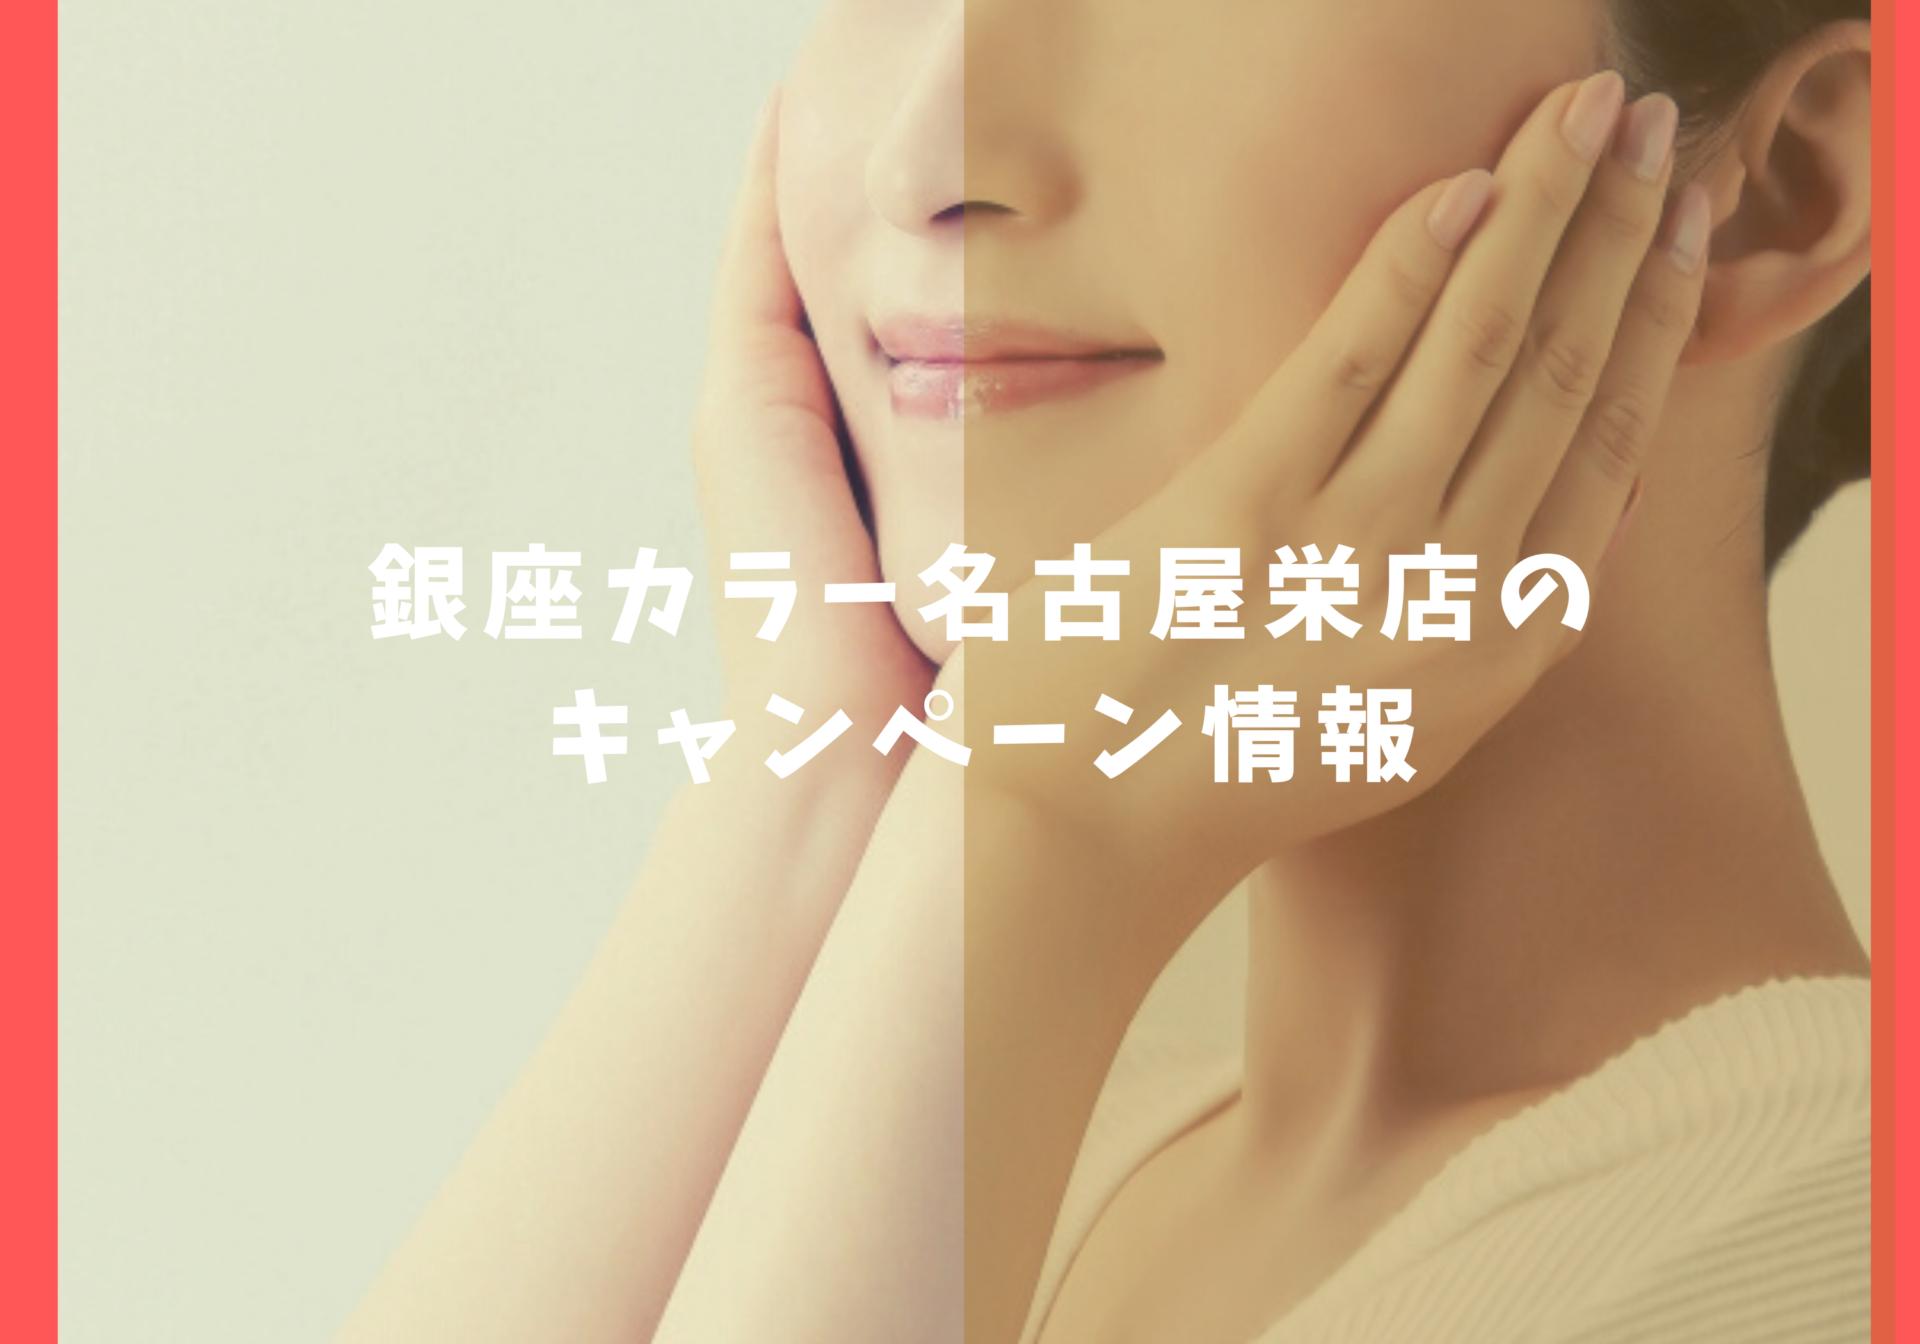 銀座カラー名古屋栄店キャンペーン情報